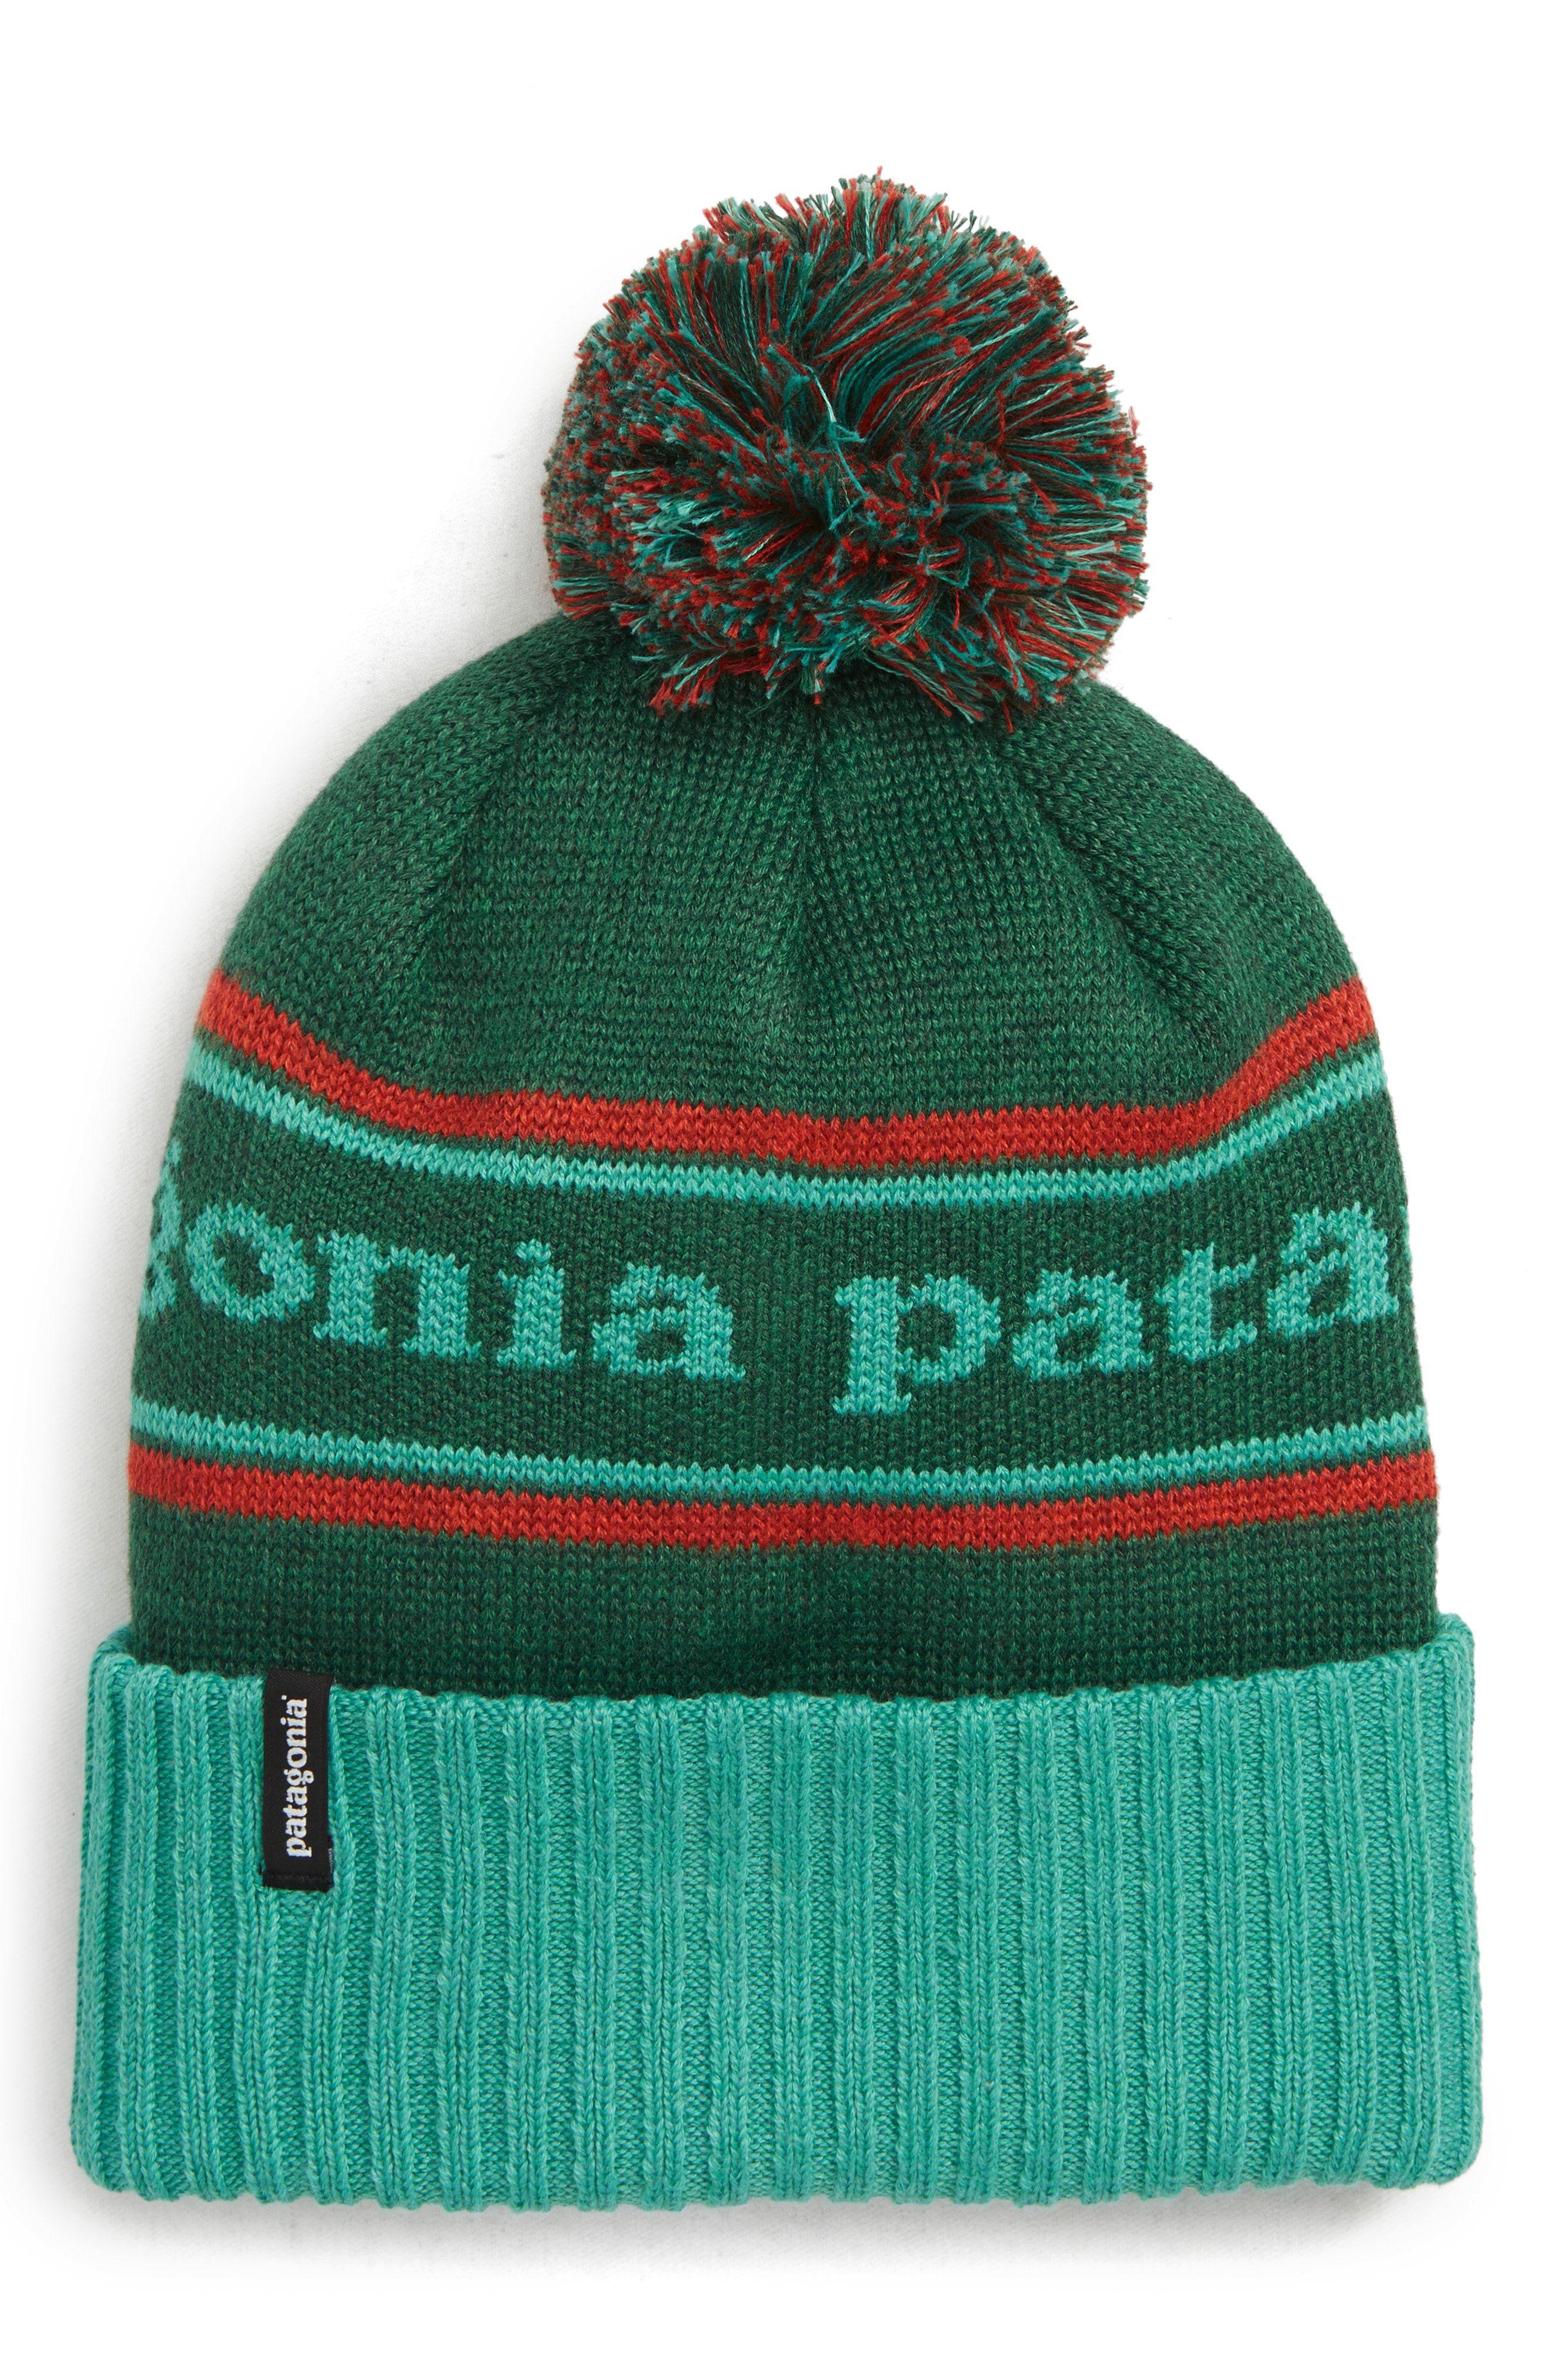 e3c287829a0 PATAGONIA POWDER TOWN BEANIE - GREEN.  patagonia